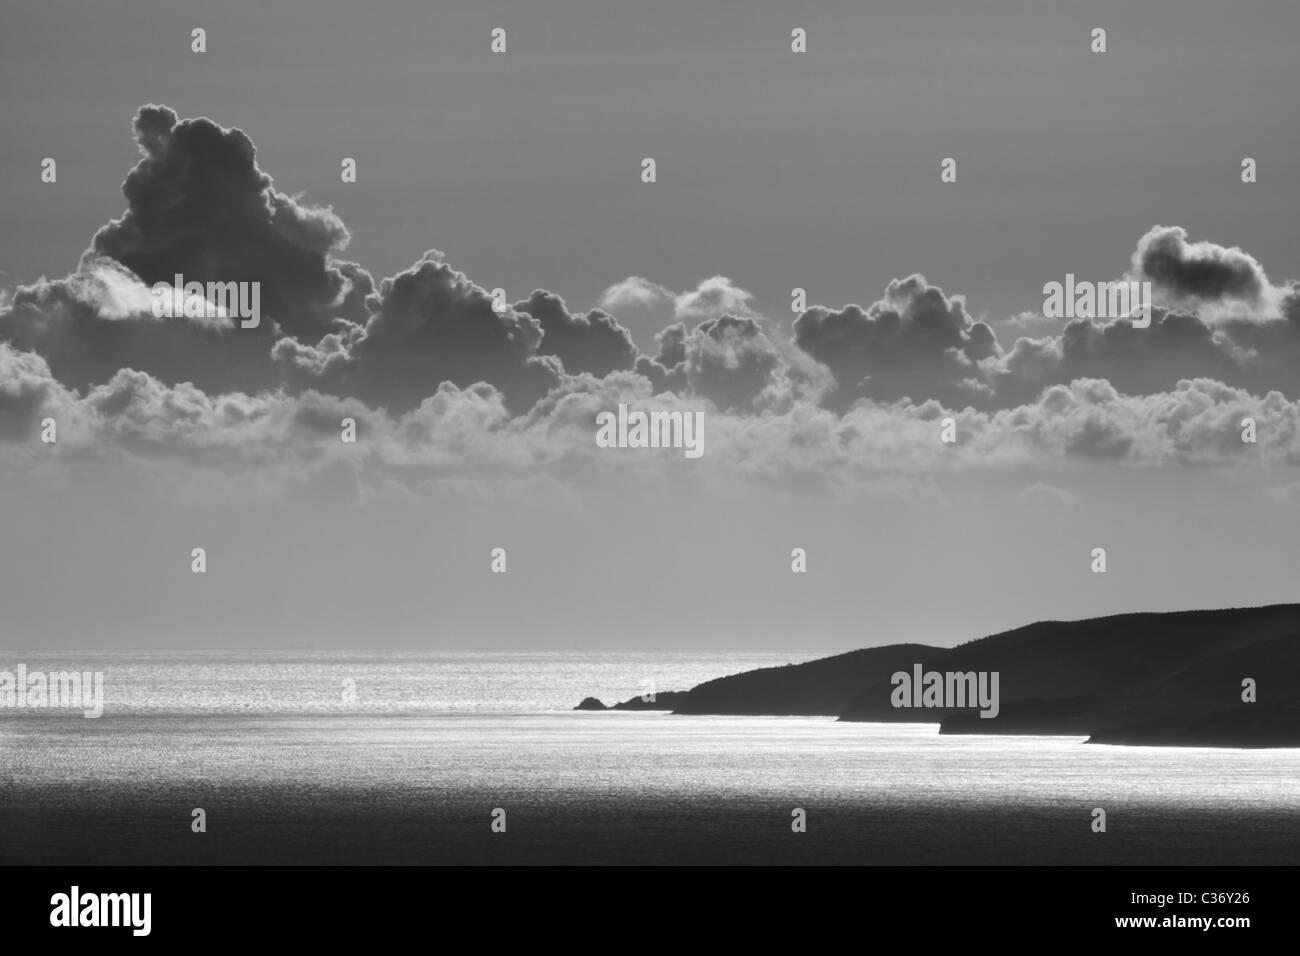 Die Spitze der messenischen Halbinsel Peloponnes Griechenland Stockbild